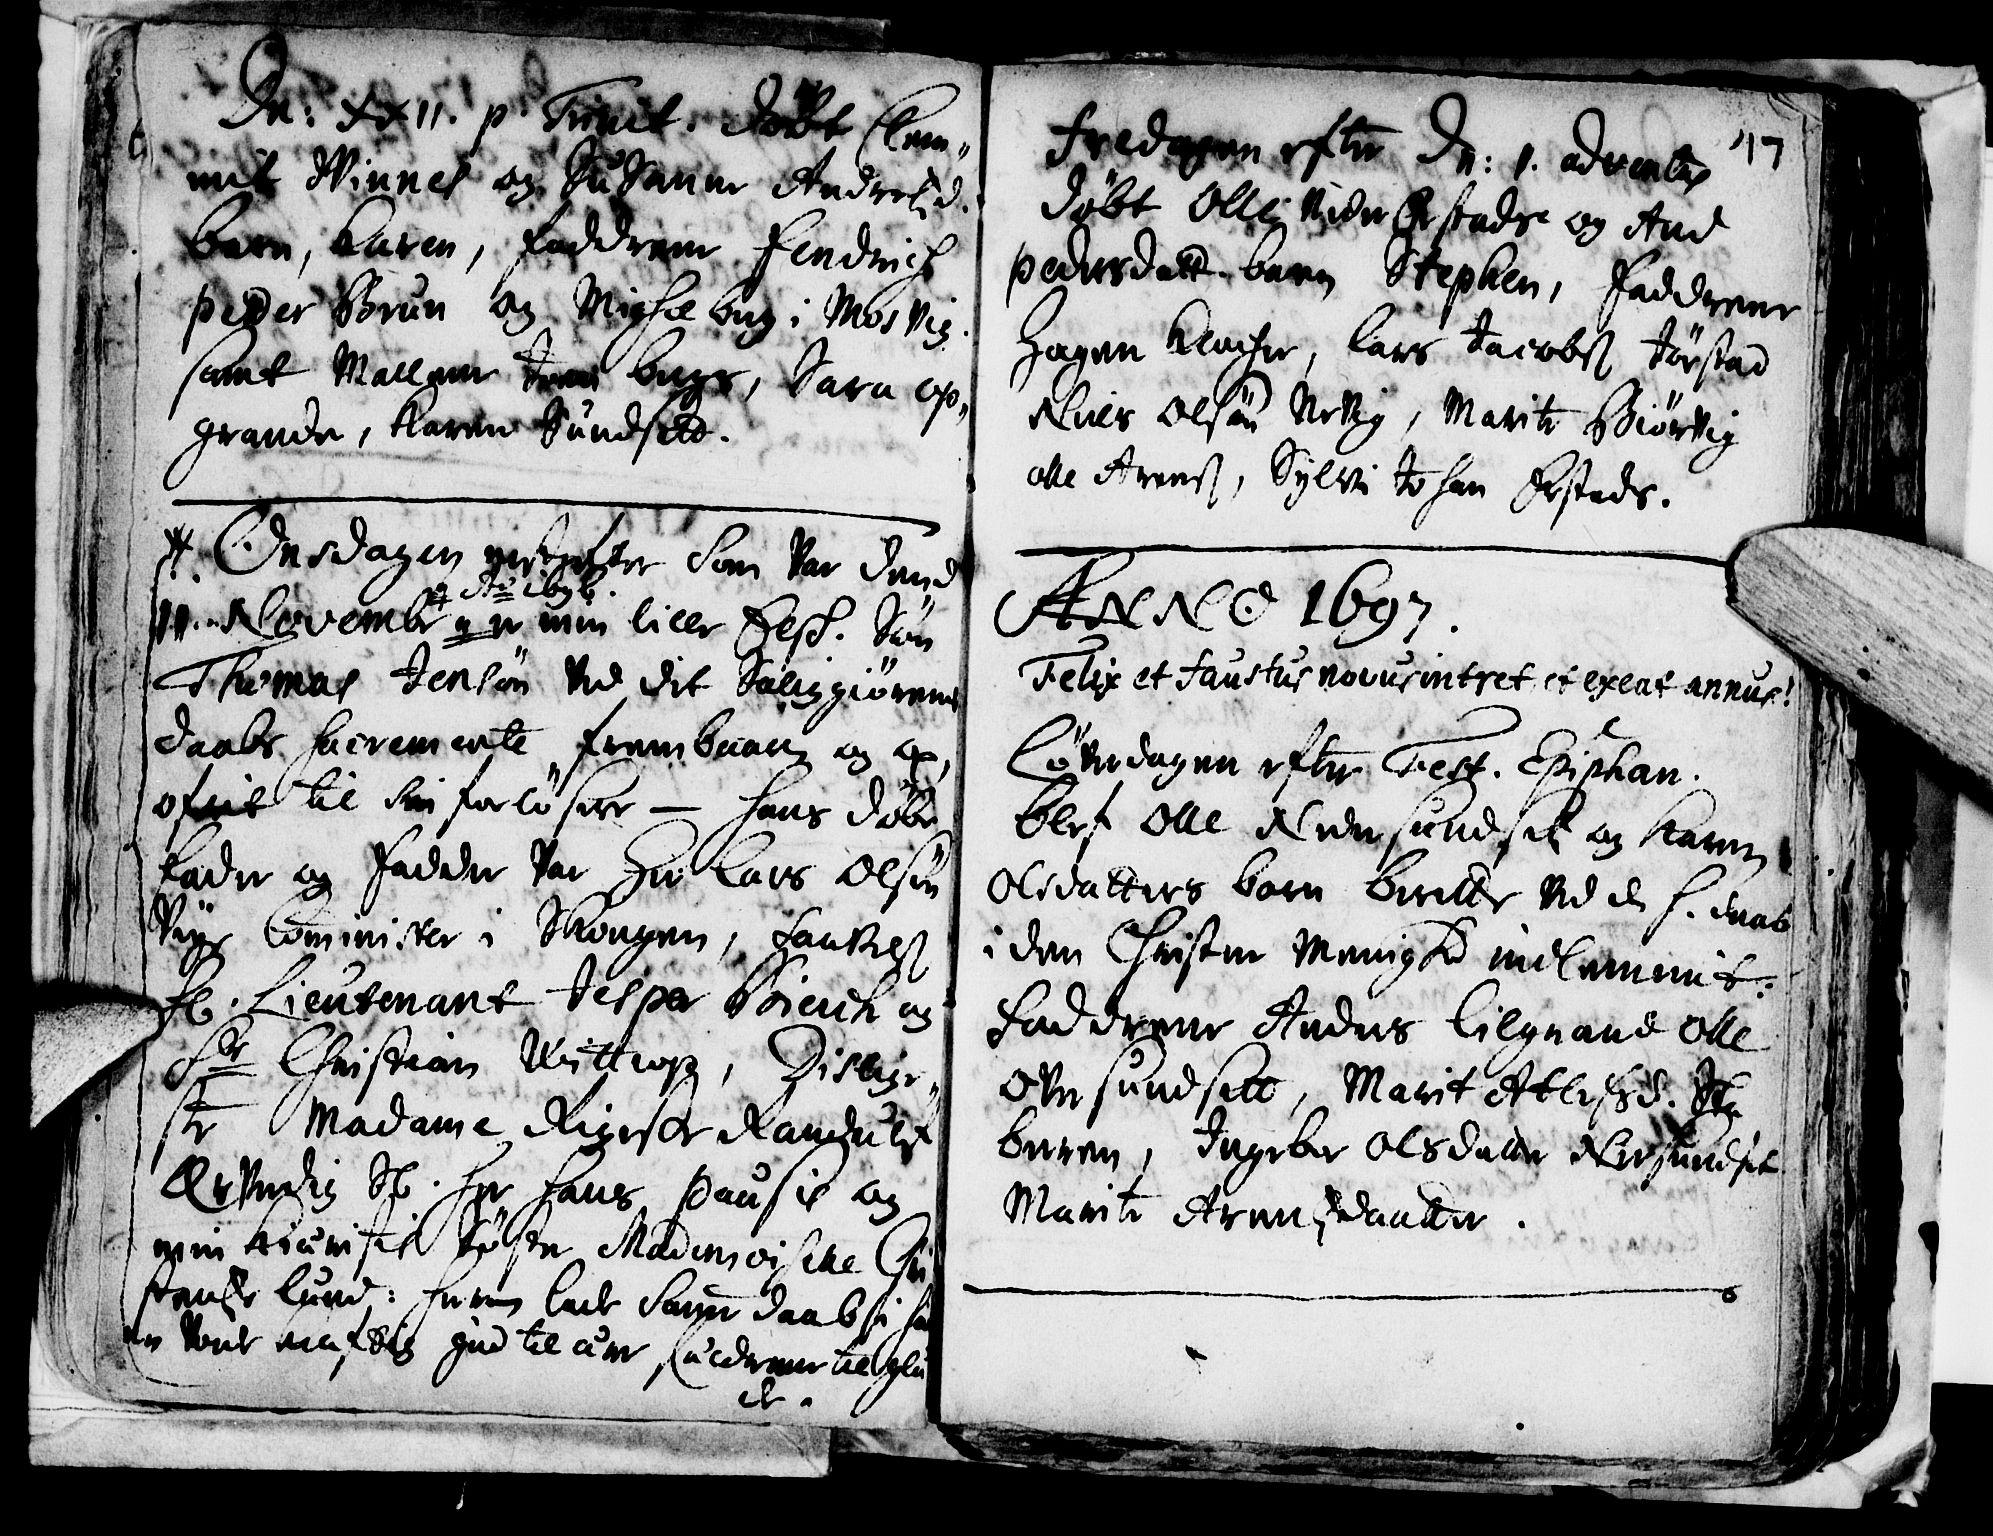 SAT, Ministerialprotokoller, klokkerbøker og fødselsregistre - Nord-Trøndelag, 722/L0214: Ministerialbok nr. 722A01, 1692-1718, s. 17